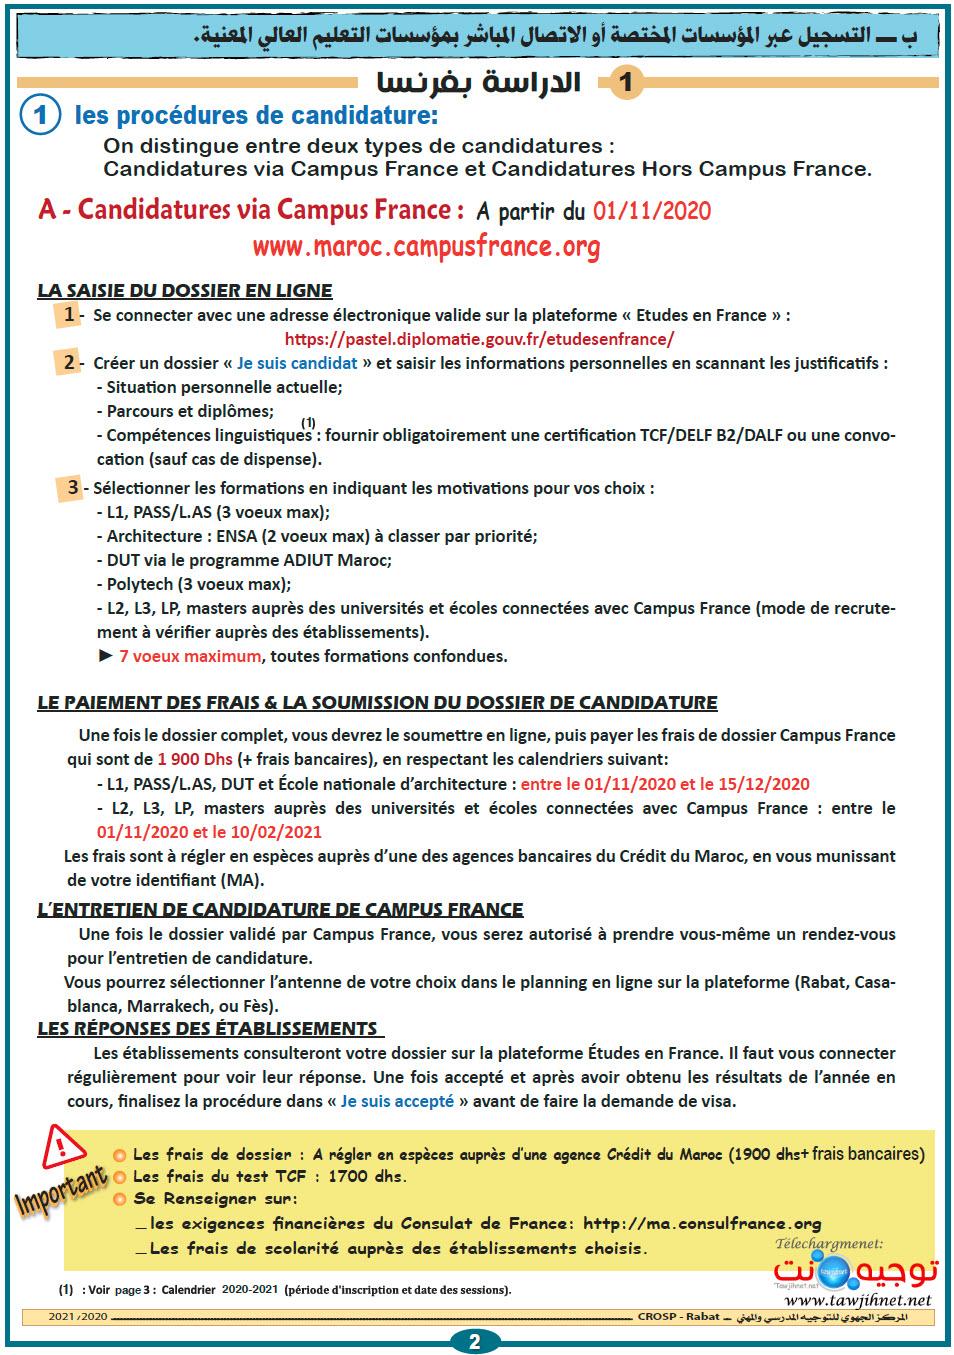 Etudies-Etranger-espagne-allemagne-usa-canda-france-crosp-rabat-2021-2022_Page_2.jpg